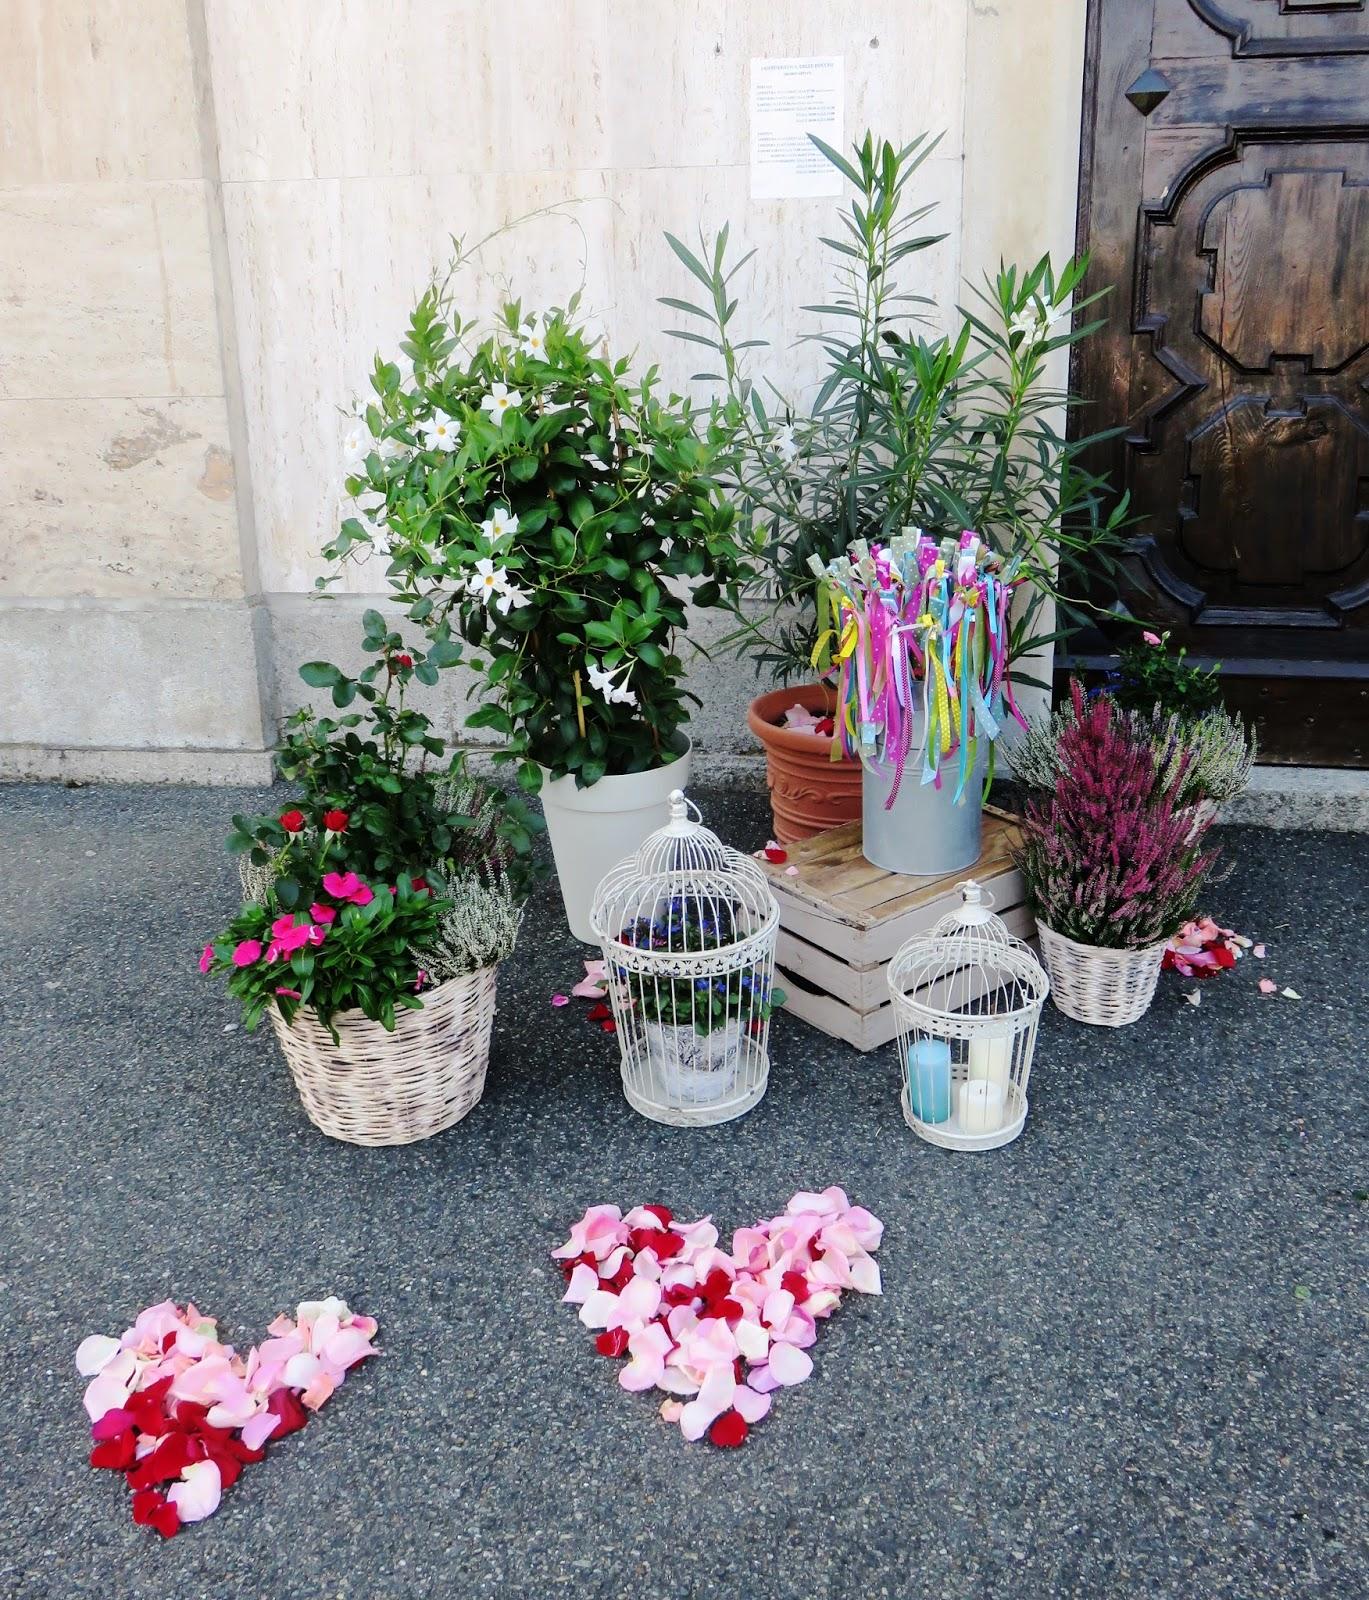 Matrimonio Tema Zen : Matrimonio tema giardino zen decorazioni